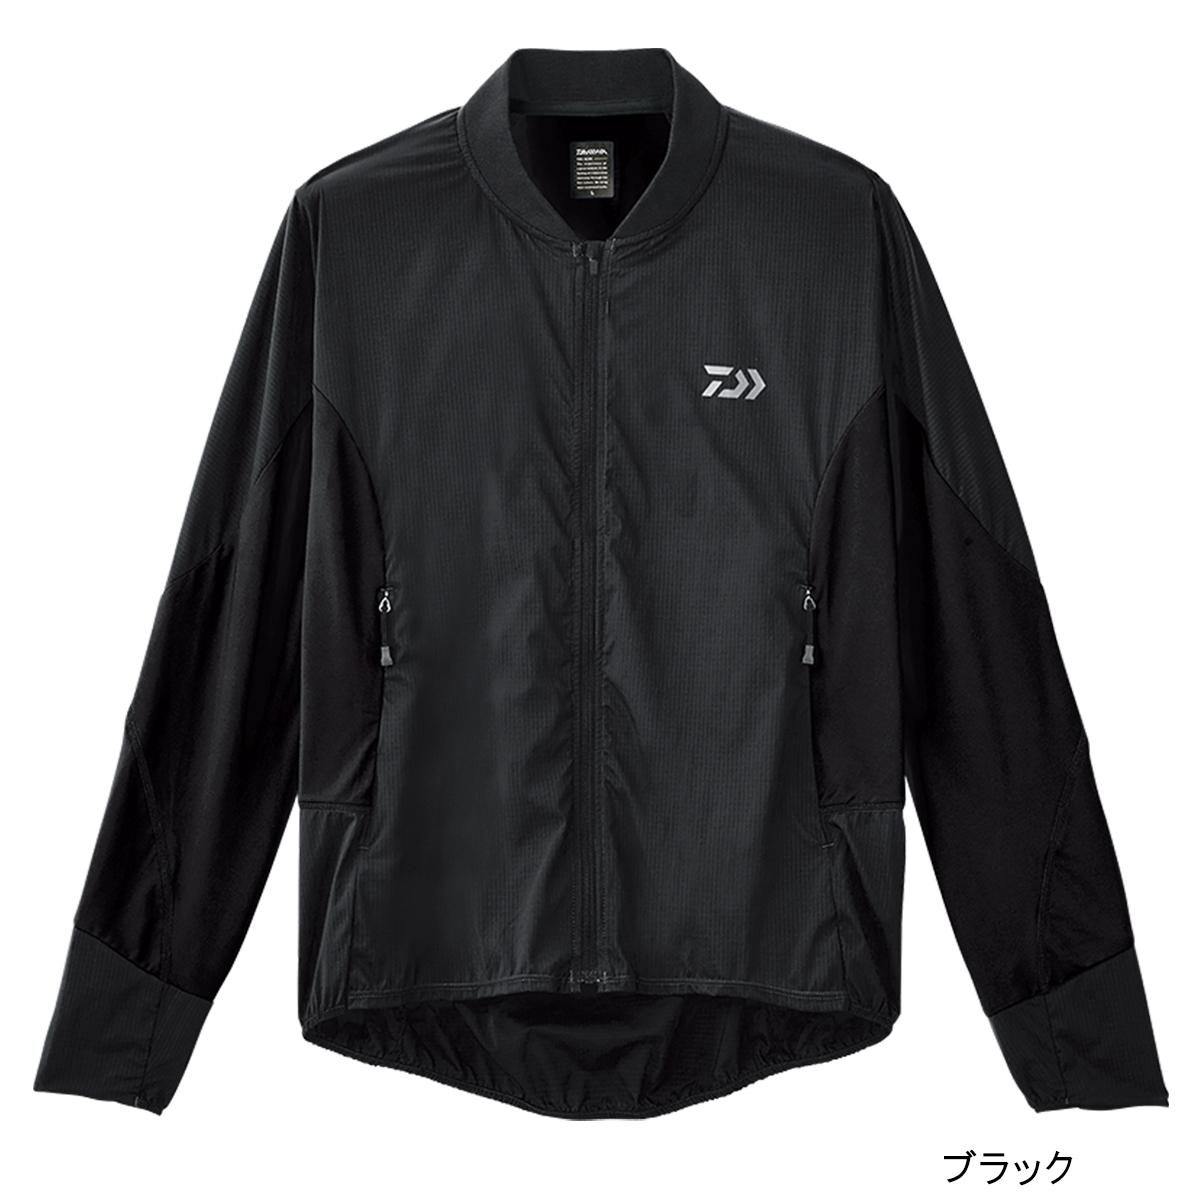 ダイワ ストレッチハイブリッドジャケット DJ-35008 XL ブラック